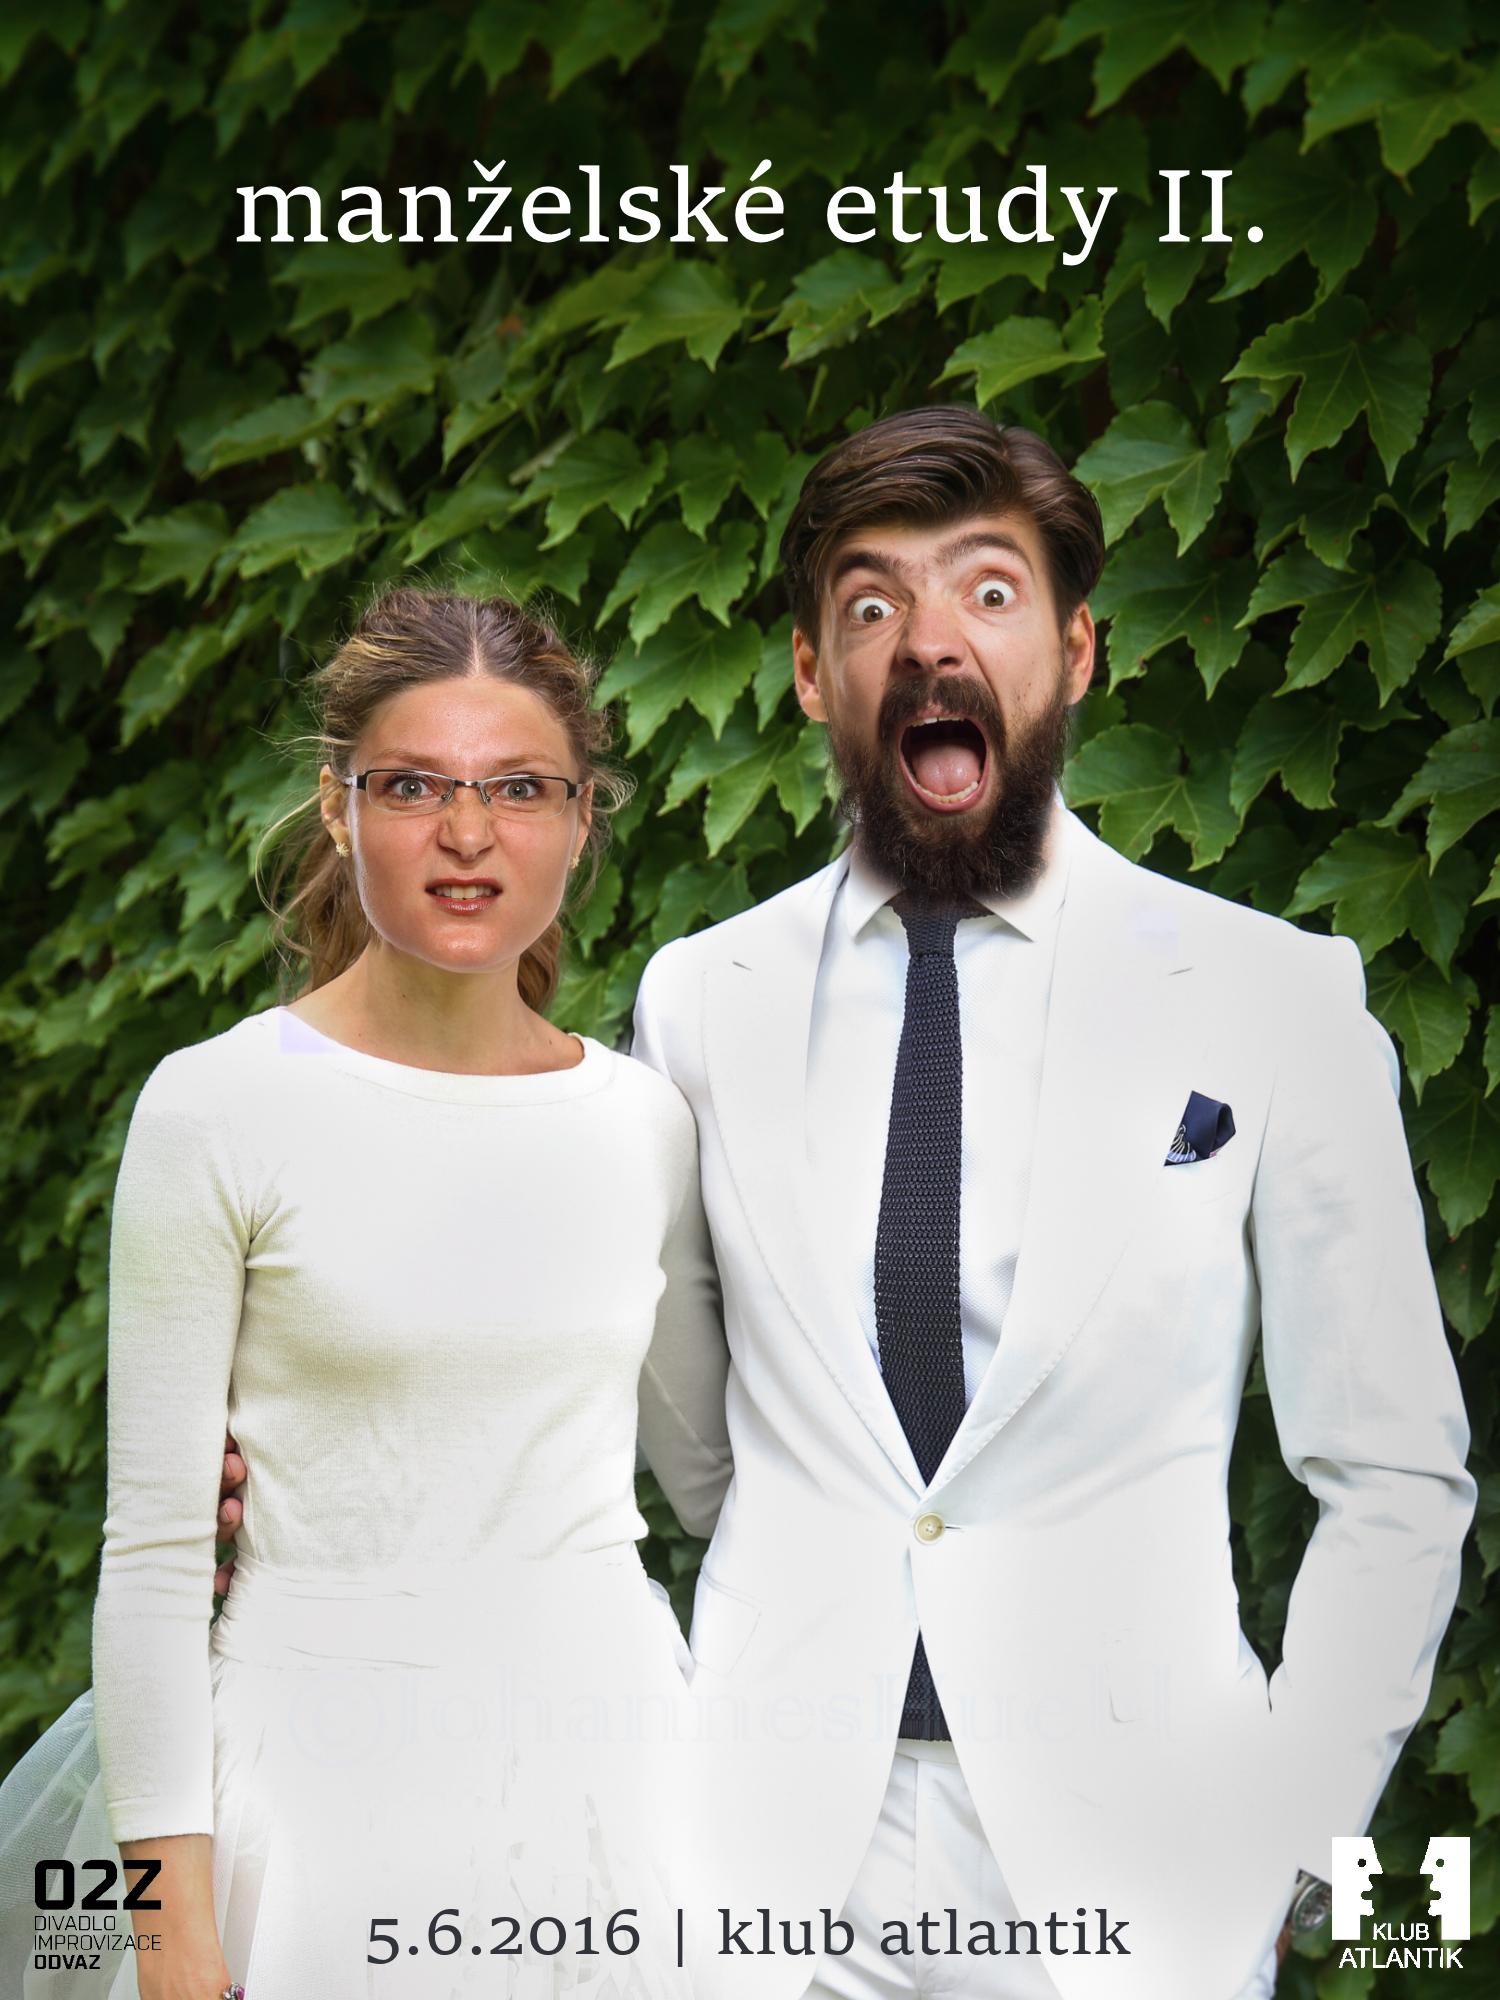 Manželské etudy II.